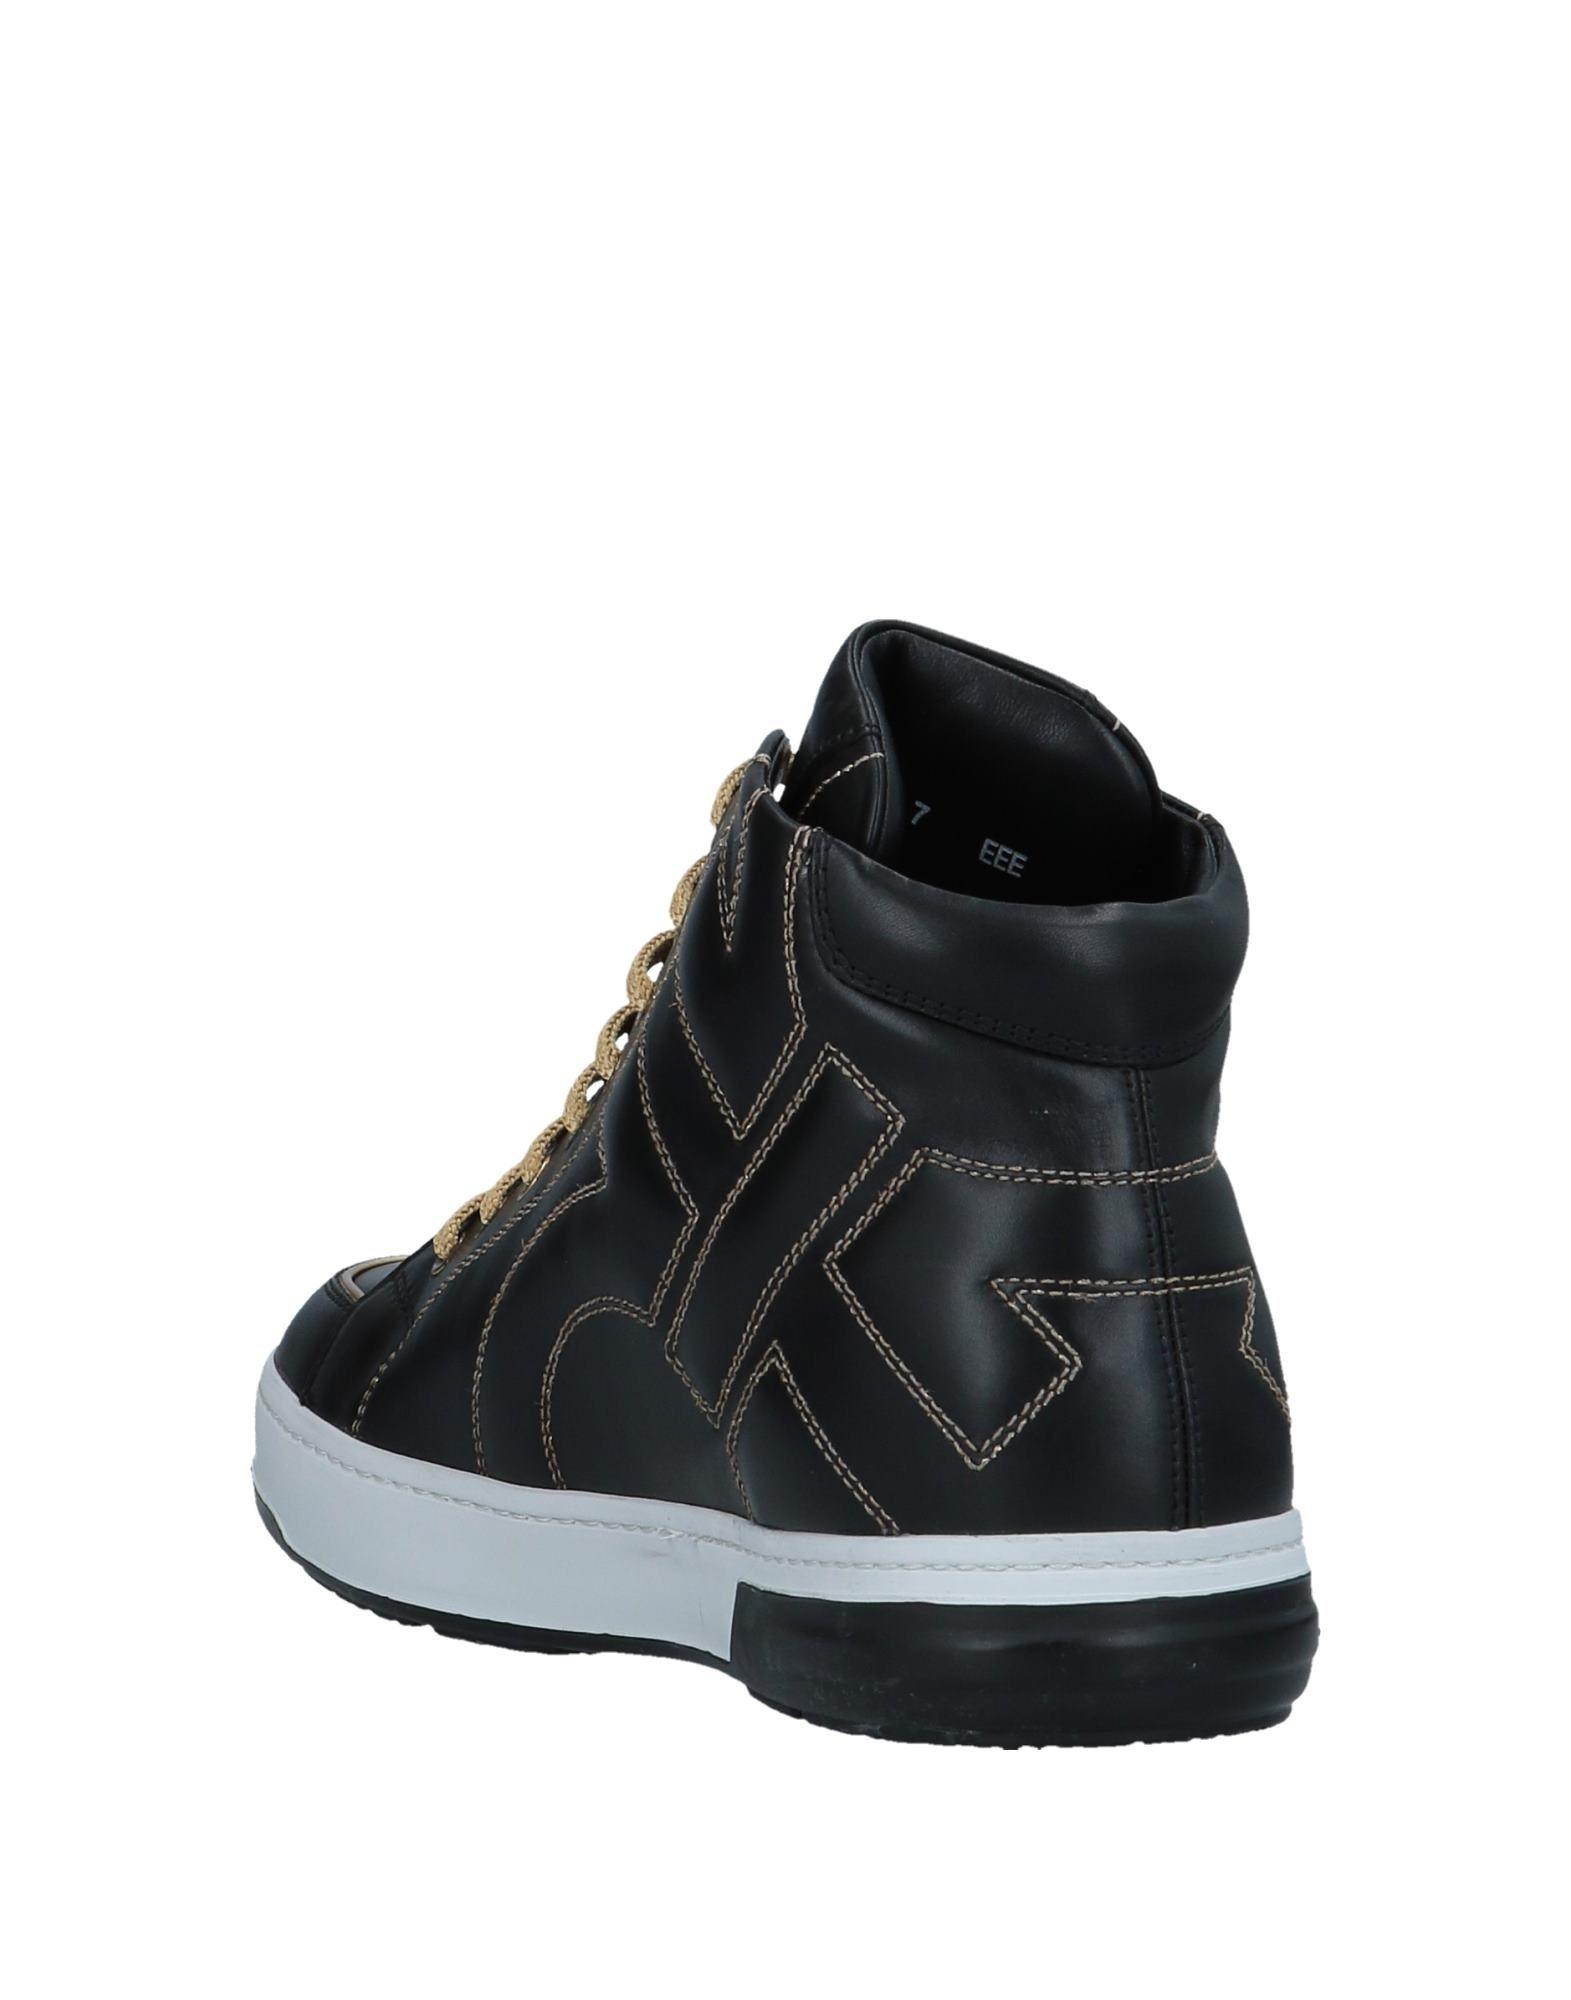 Salvatore 11544055UP Ferragamo Sneakers Herren  11544055UP Salvatore Gute Qualität beliebte Schuhe 20c7fe